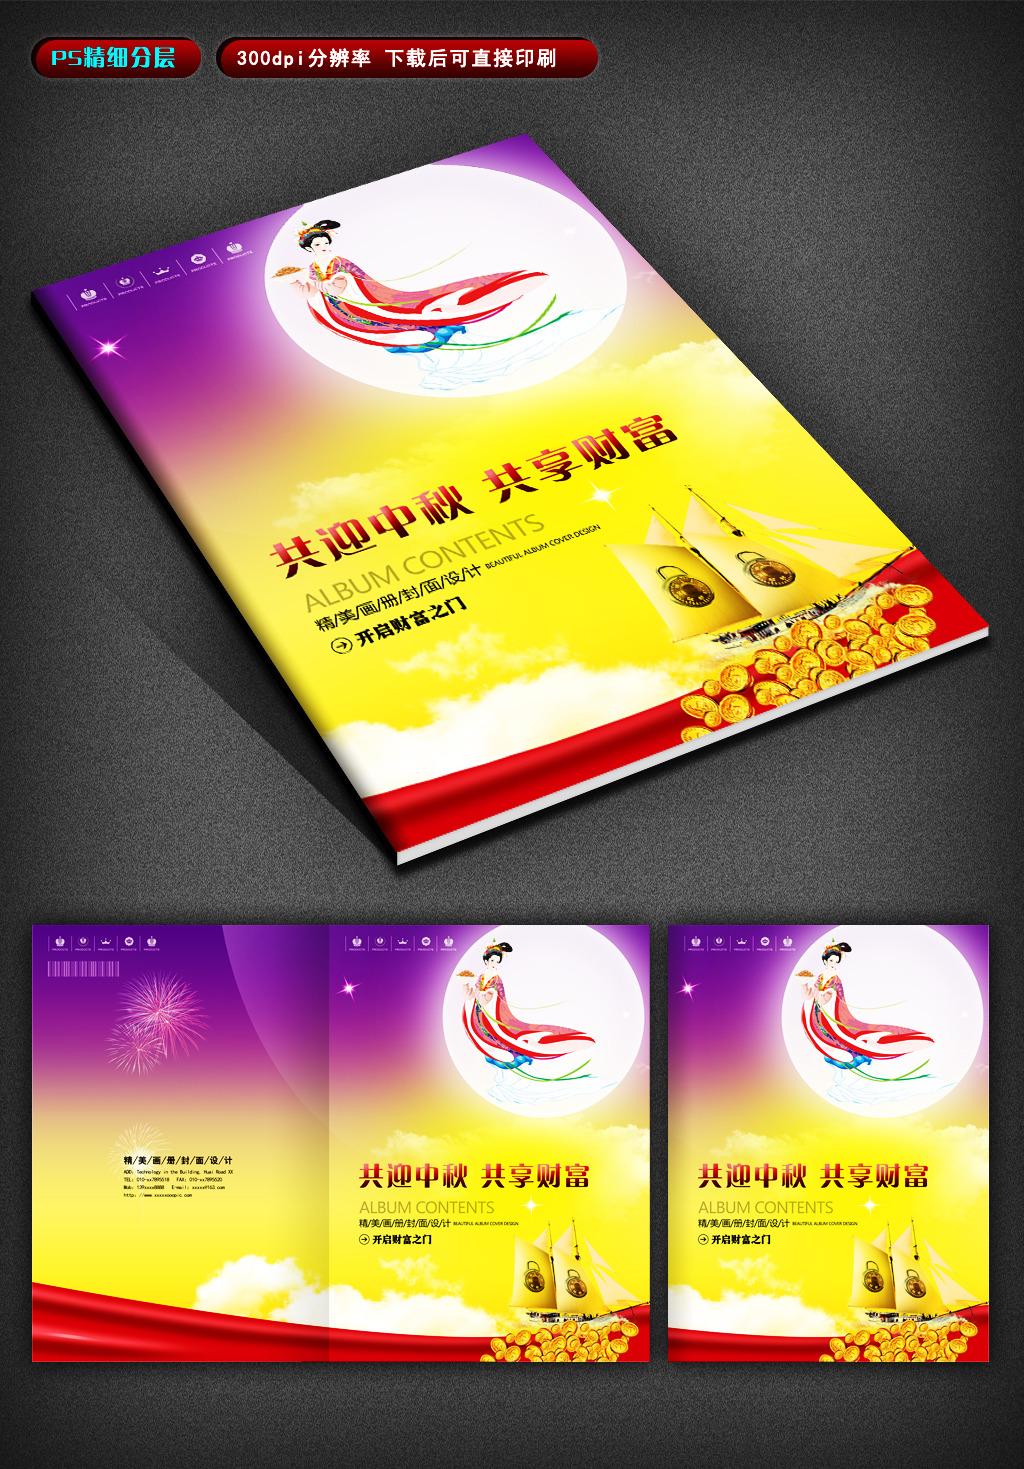 平面设计 画册设计 企业画册(封面) > 时尚中秋金融画册封面  下一张&